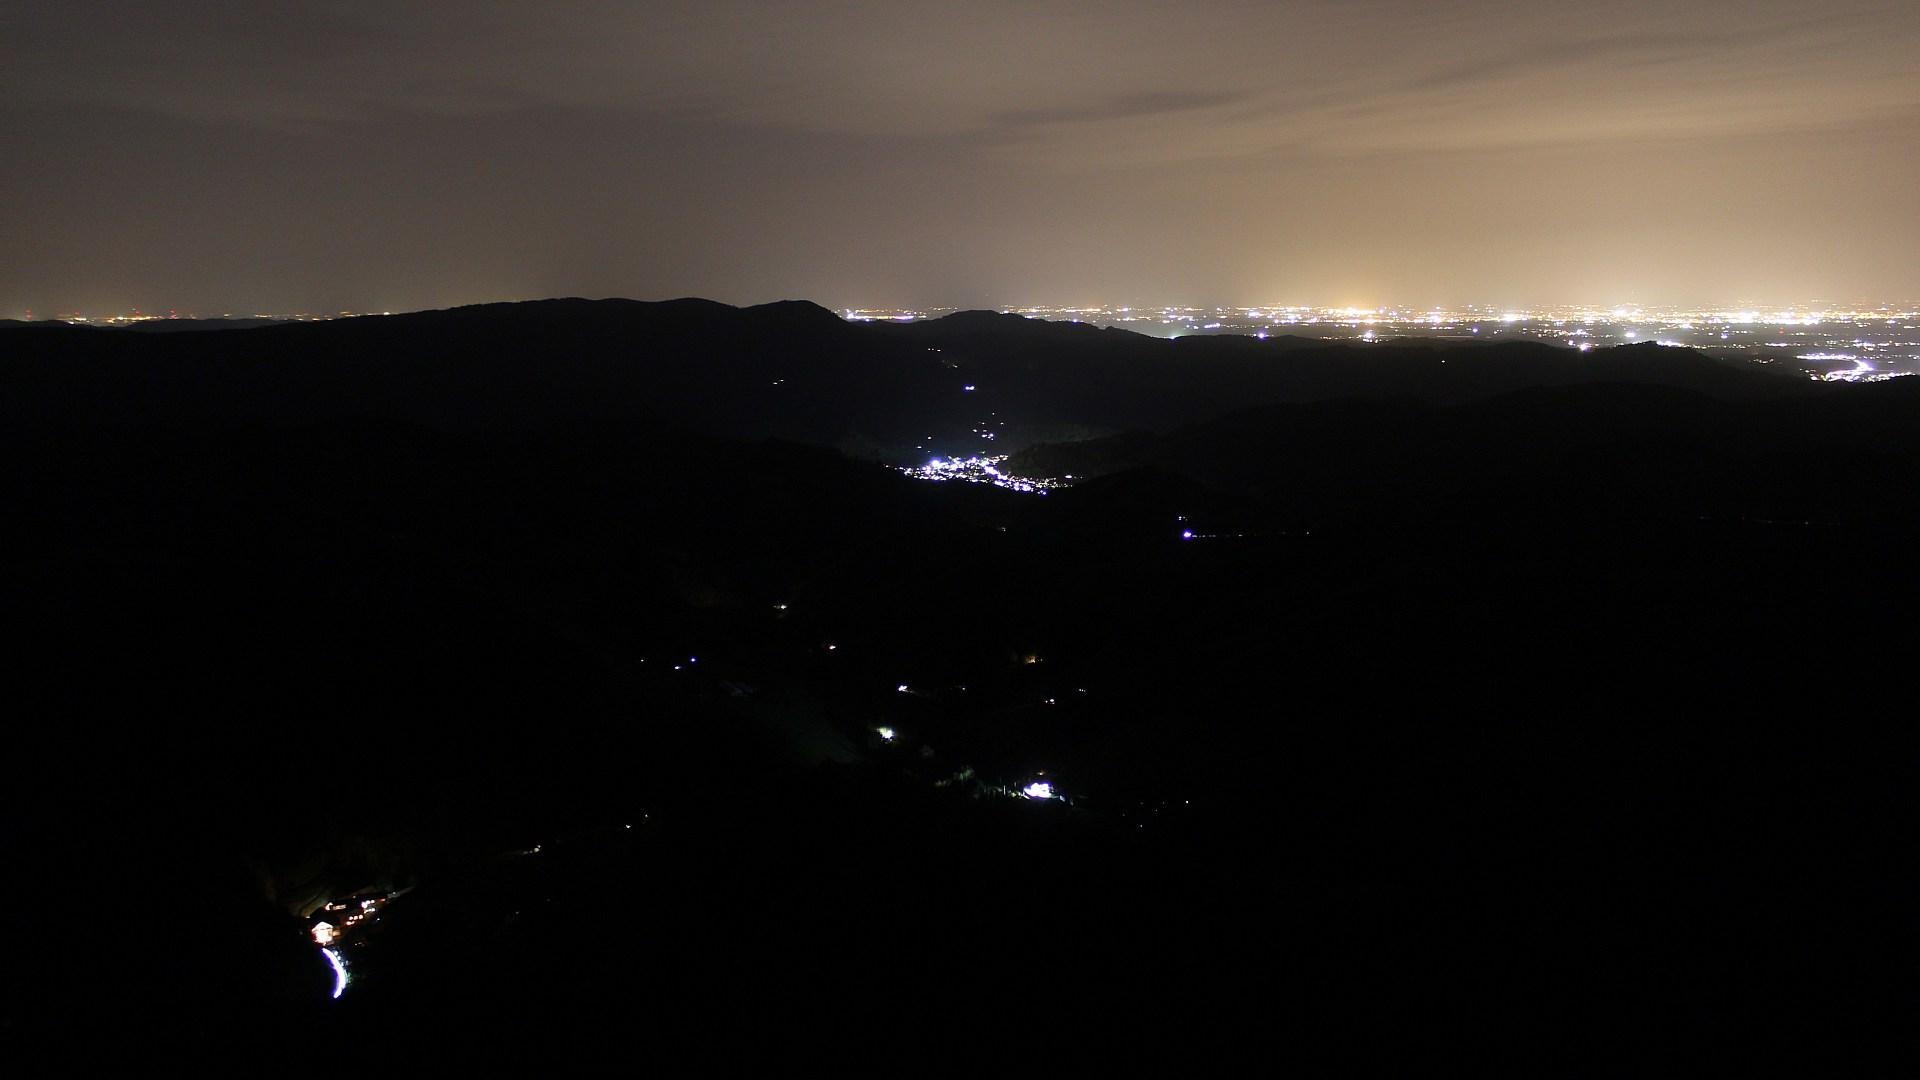 Aufnahme: Buchkopfturm vom 21.10.2020 20:00